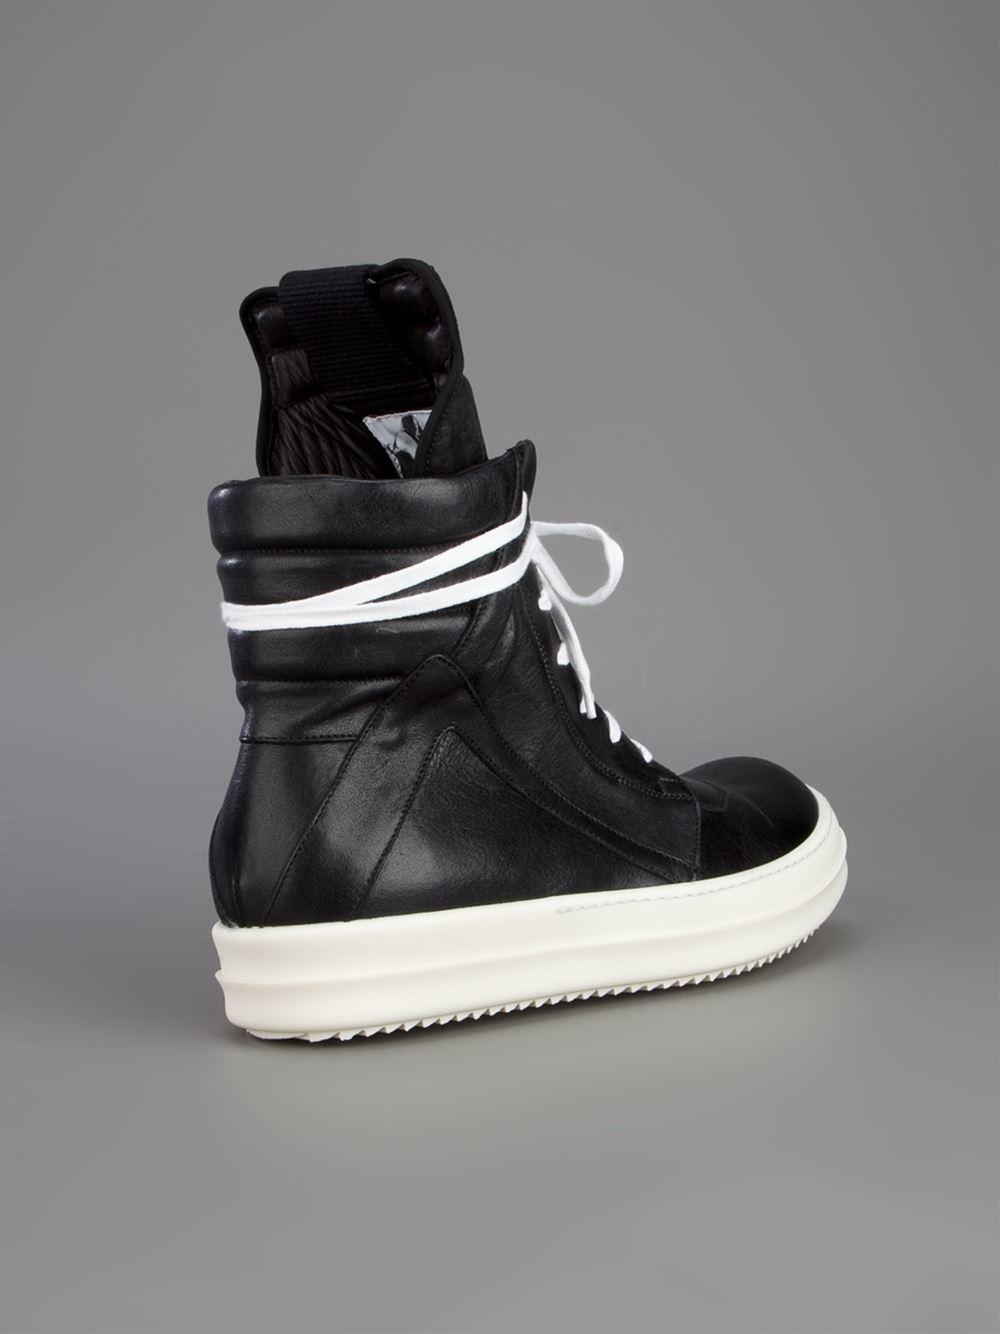 Rick Owens Geo Basket Sneaker in Black